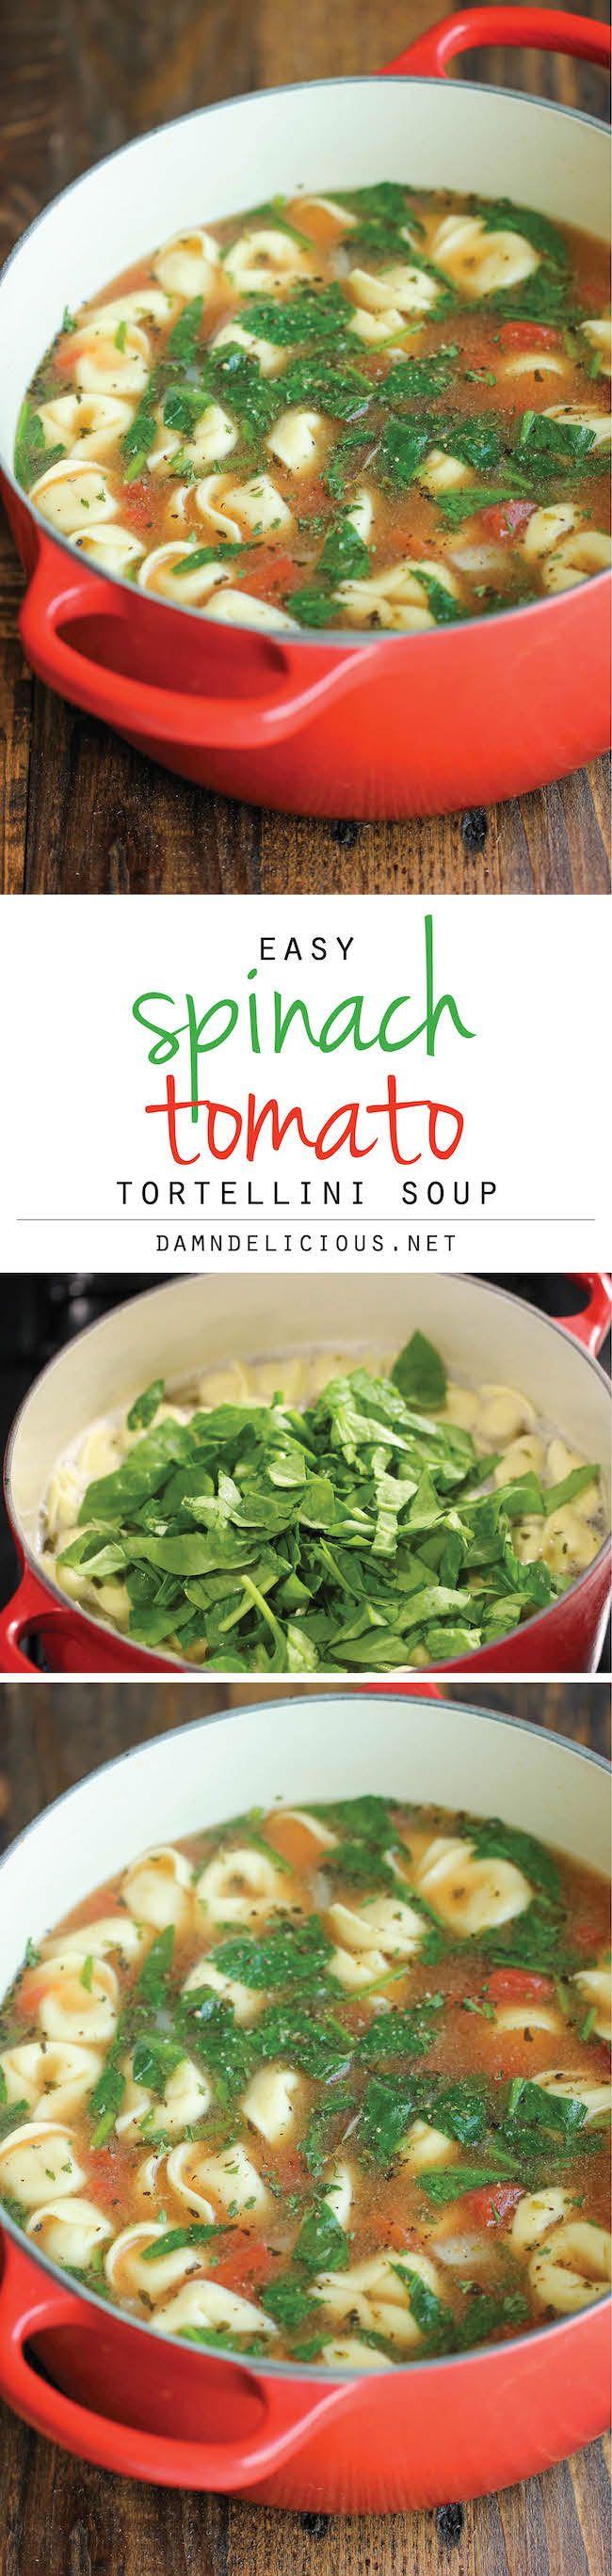 Avond eten - Vegetarisch - Spinach Tomato Tortellini Soup